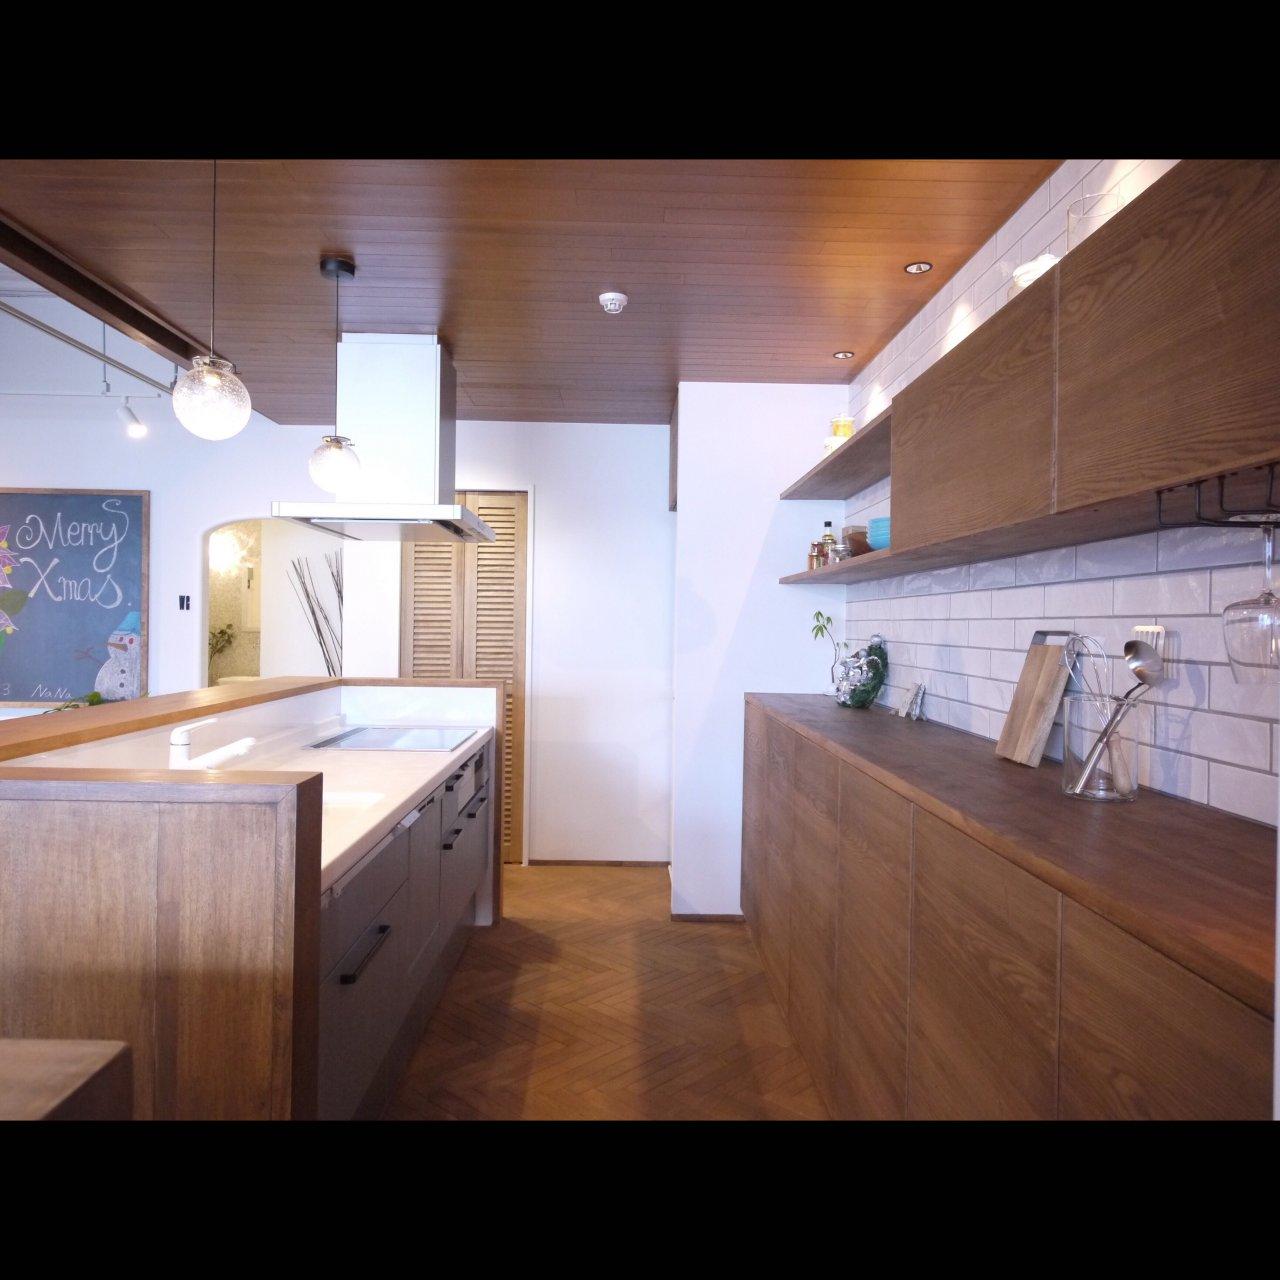 リノベ不動産|General Act Design ショールーム7 人気の対面型カウンタキッチンと外からも目を引くオリジナル壁面収